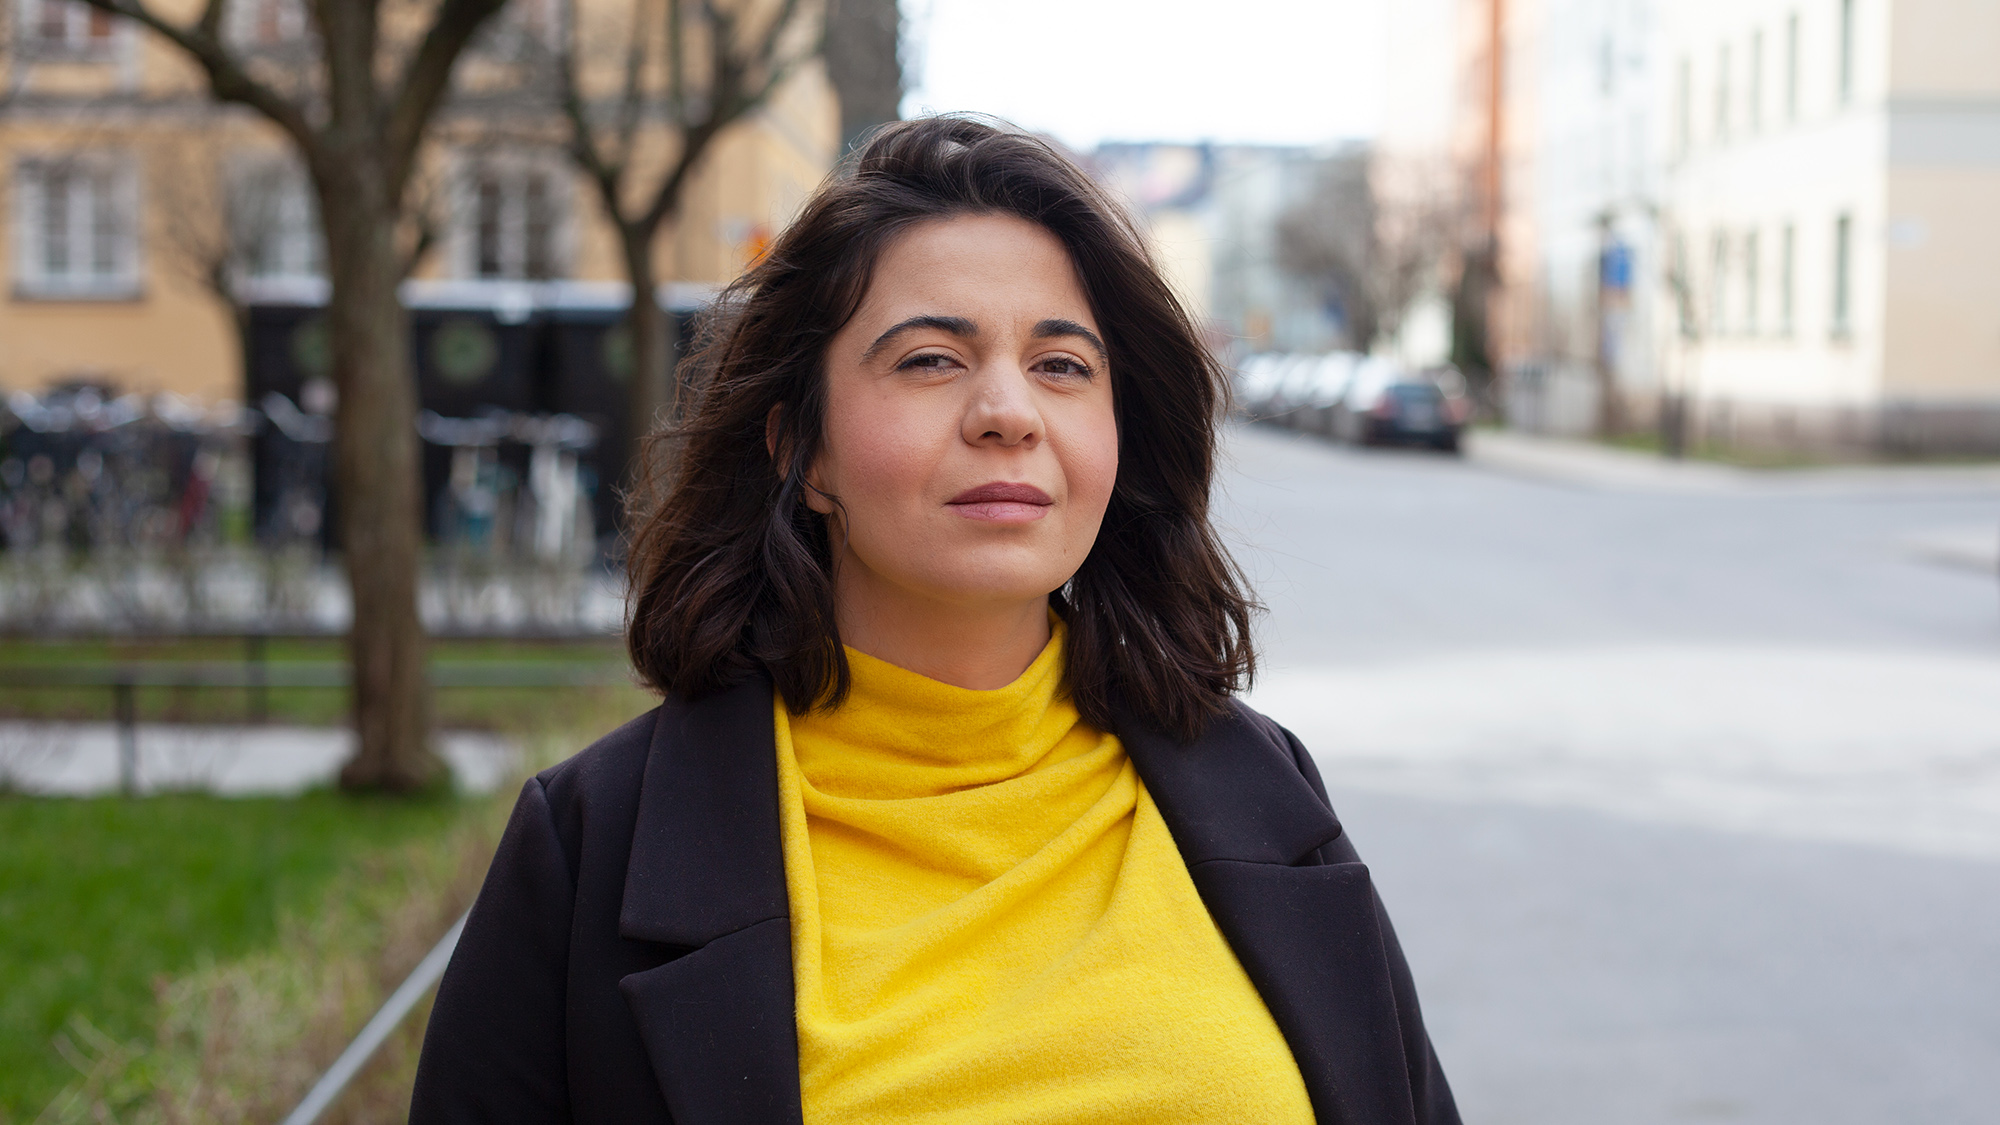 Porträtt av Sarah Delshad i stadsmiljö